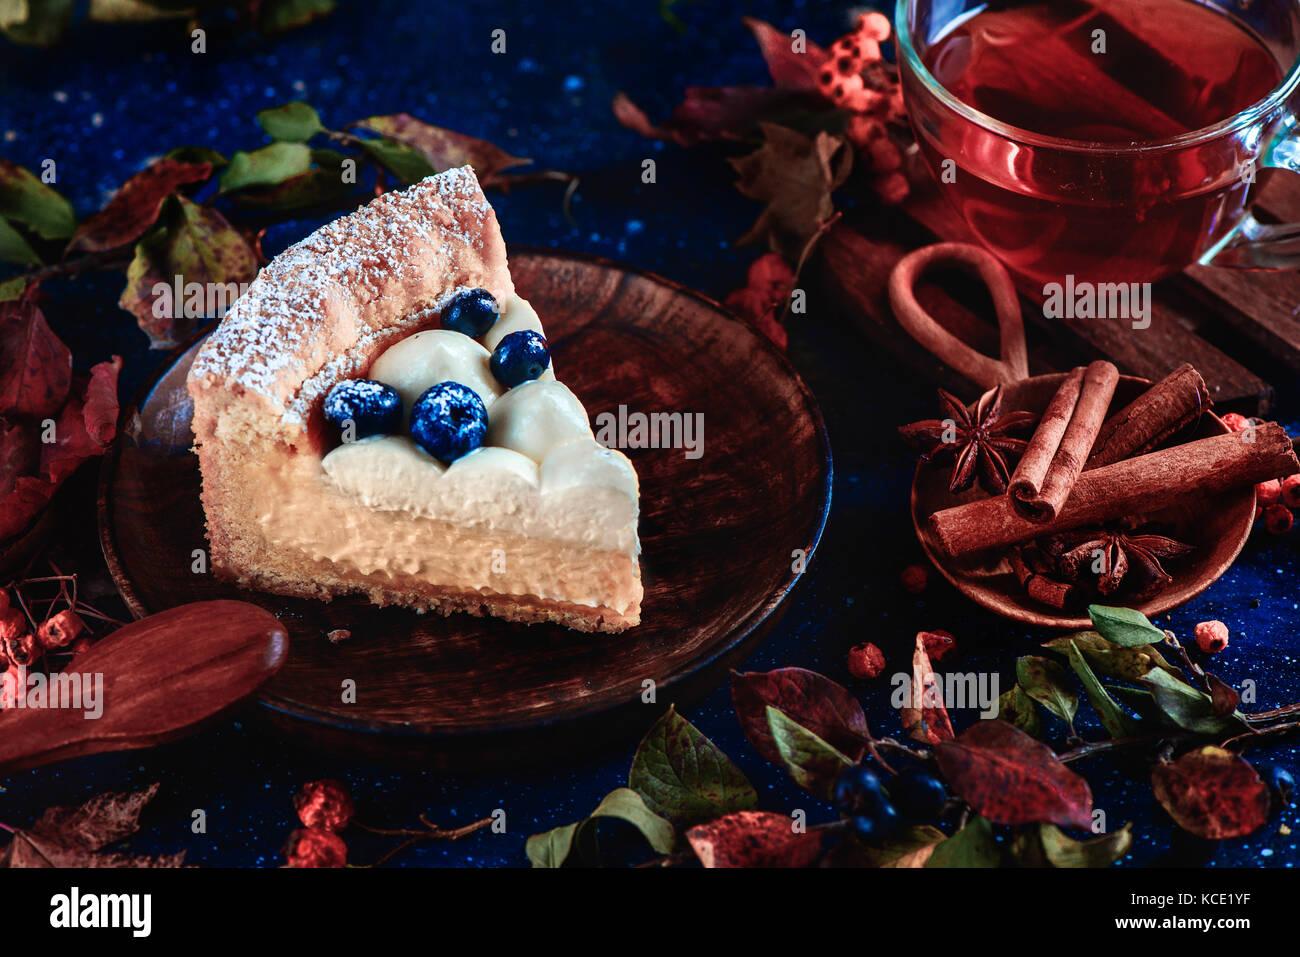 Corteza wipped hommemade torta con crema, arándanos y puré de calabaza sobre un fondo oscuro con hojas Imagen De Stock